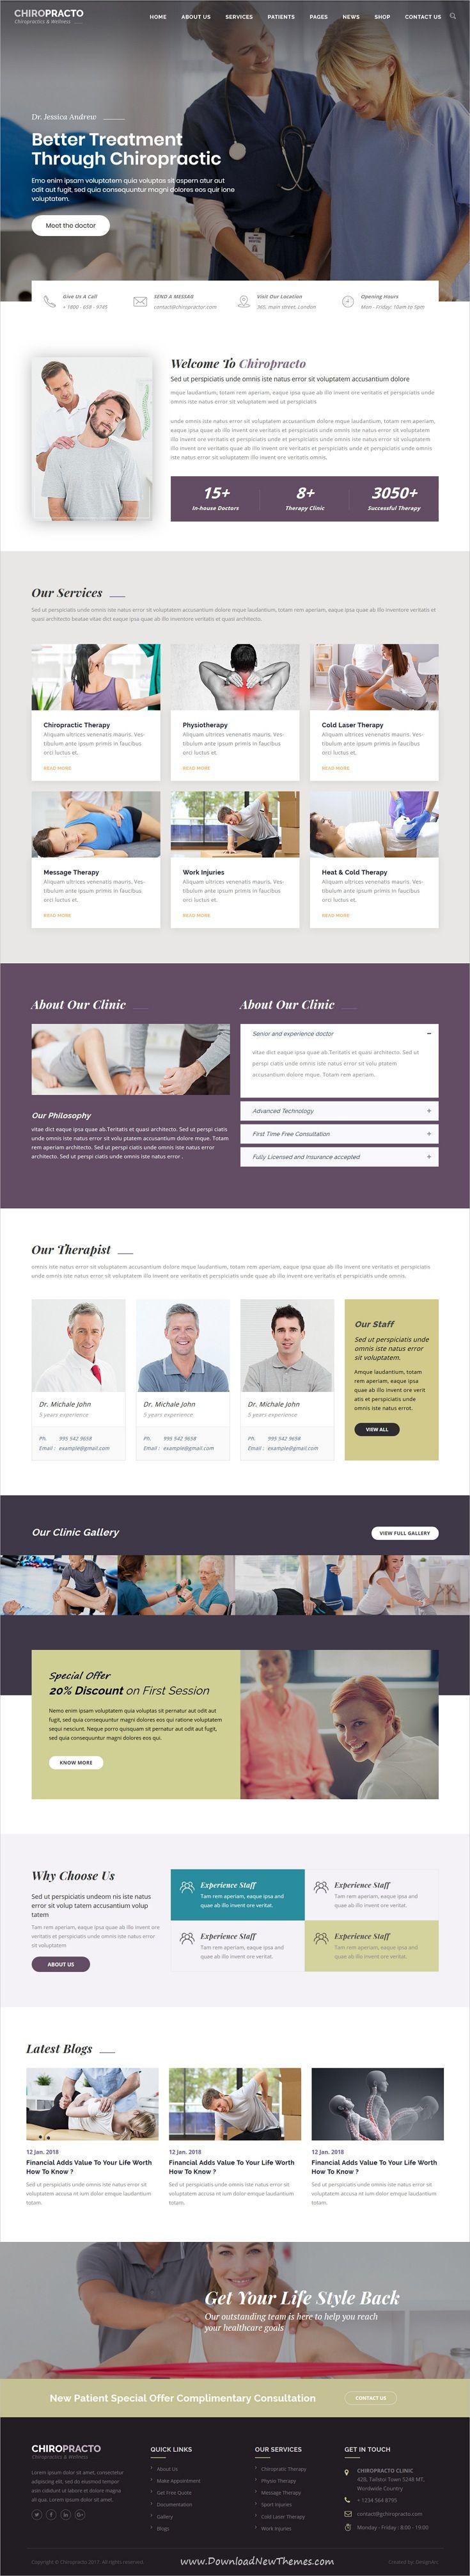 281 best Design images on Pinterest | Design websites, Site design ...